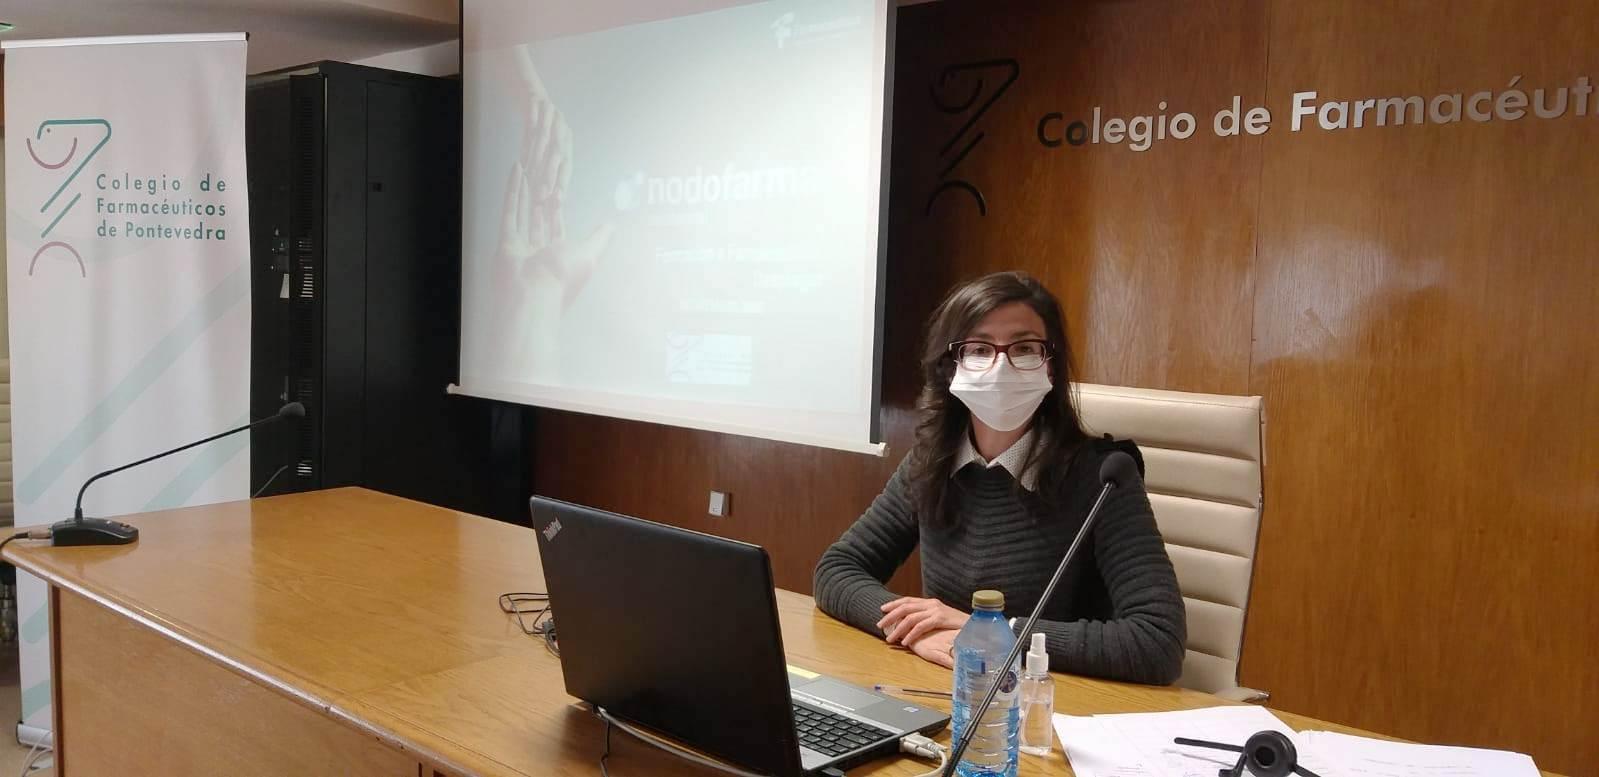 """Comienzo de las sesiones presenciales del curso """"Nodofarma Asistencial para Atención Farmacéutica en Dispensación e Indicación Farmacéutica"""""""